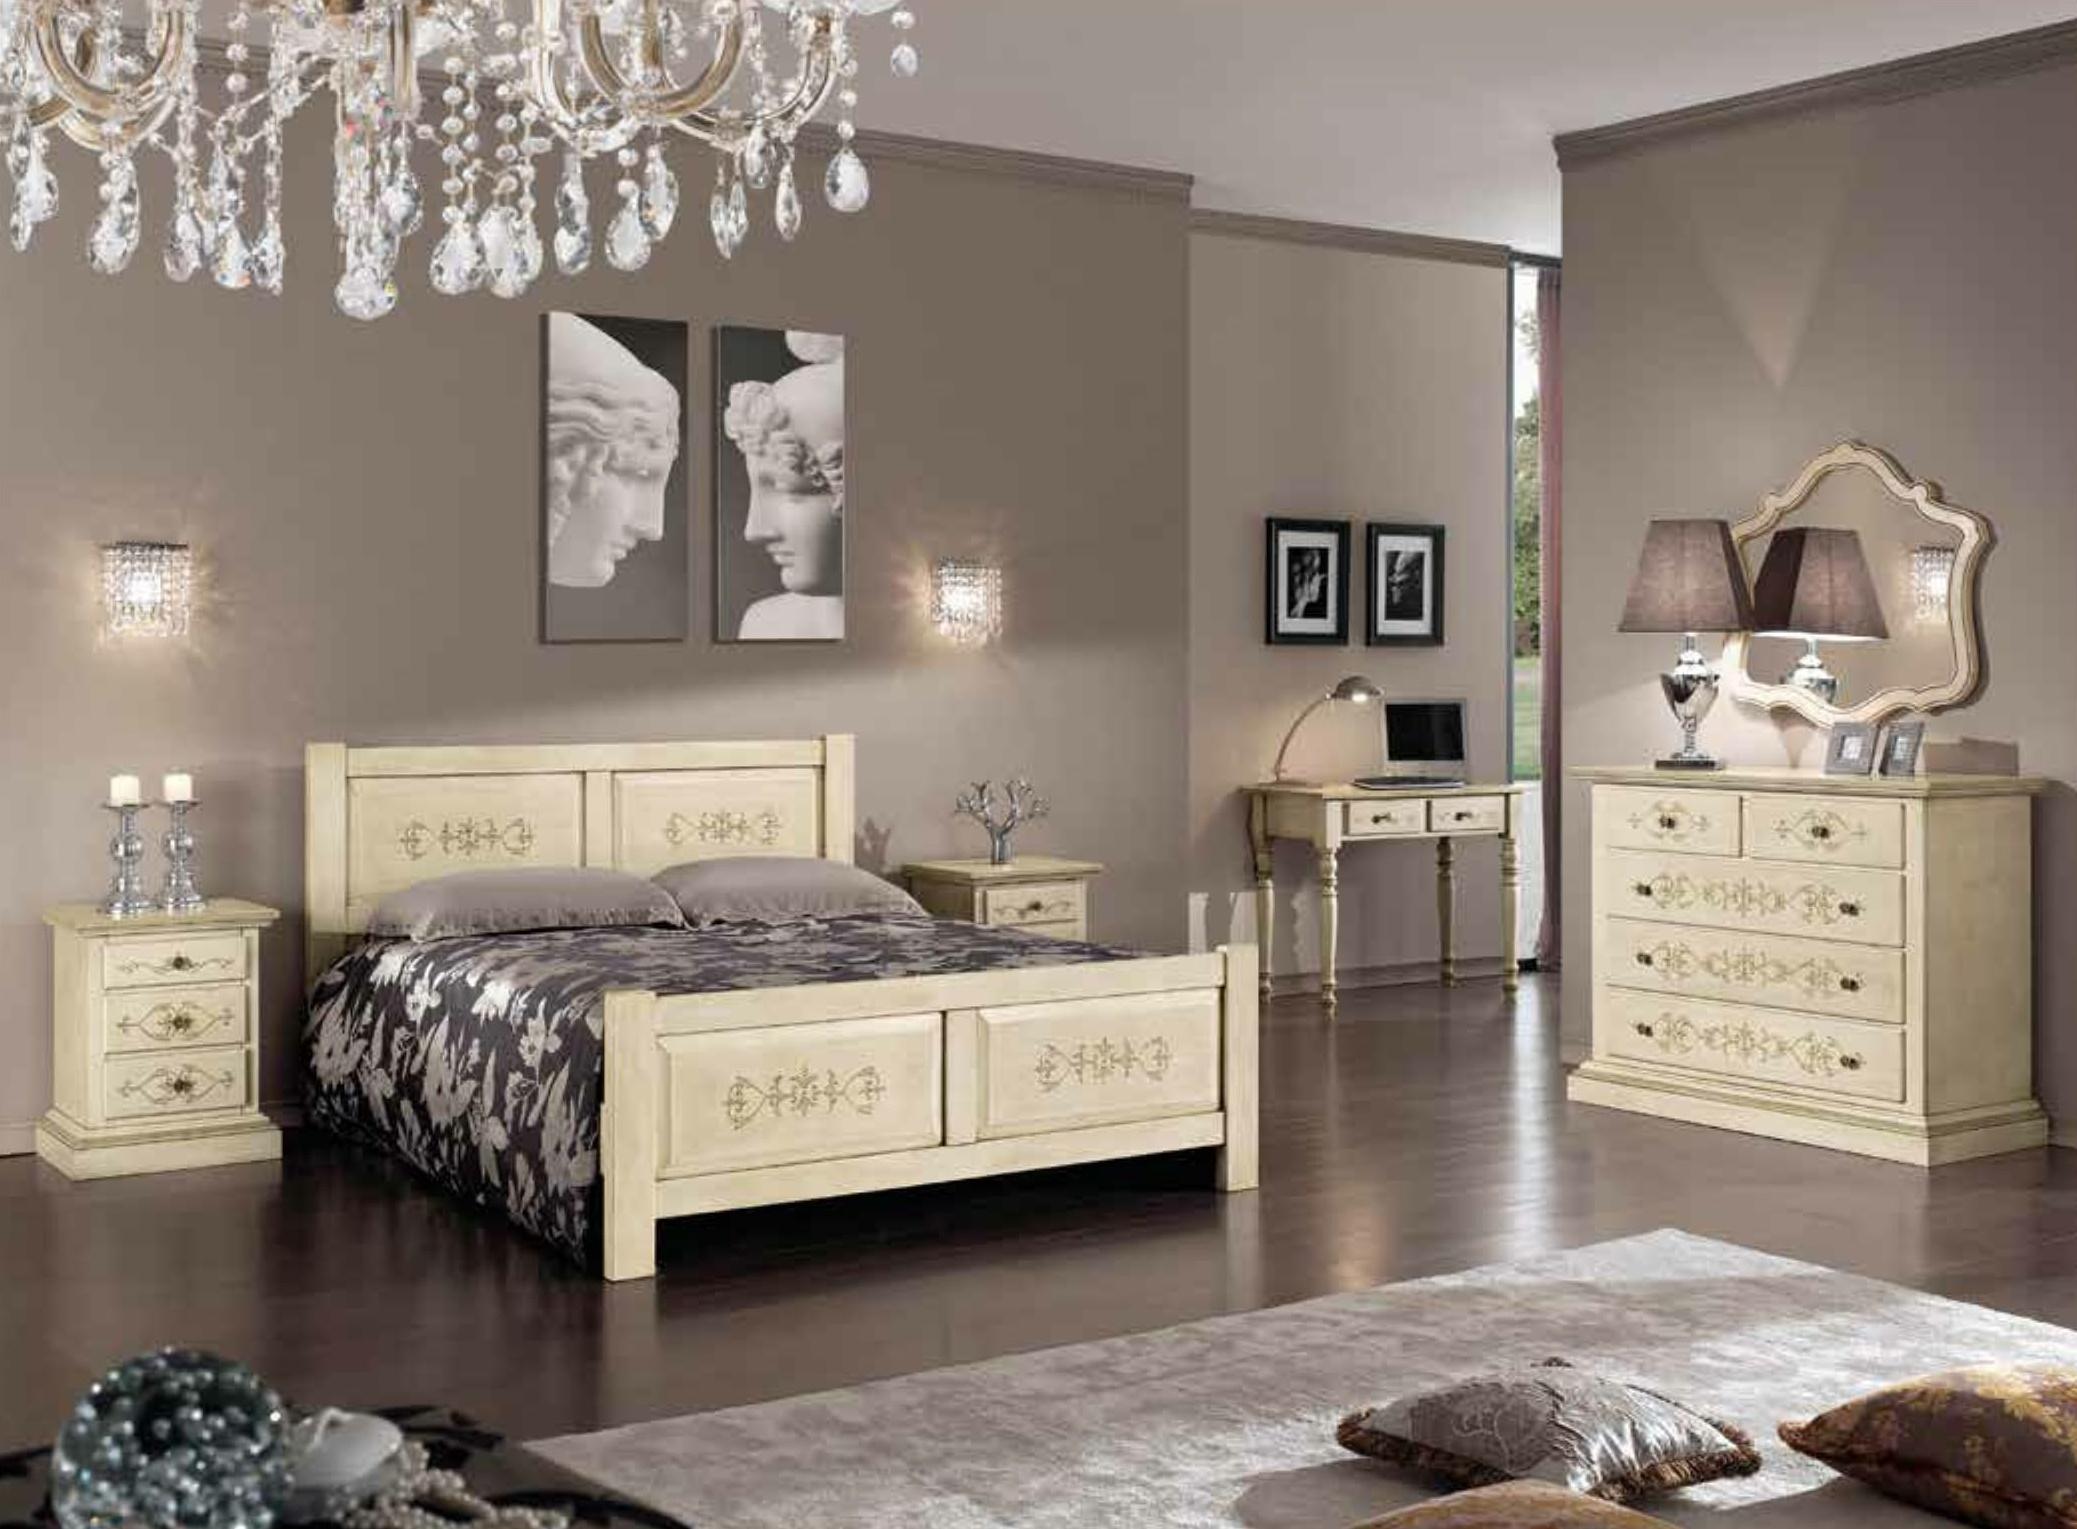 Camera completa classica avorio anticato scontato del 25 for Prezzo medio della casa di 3 camere da letto